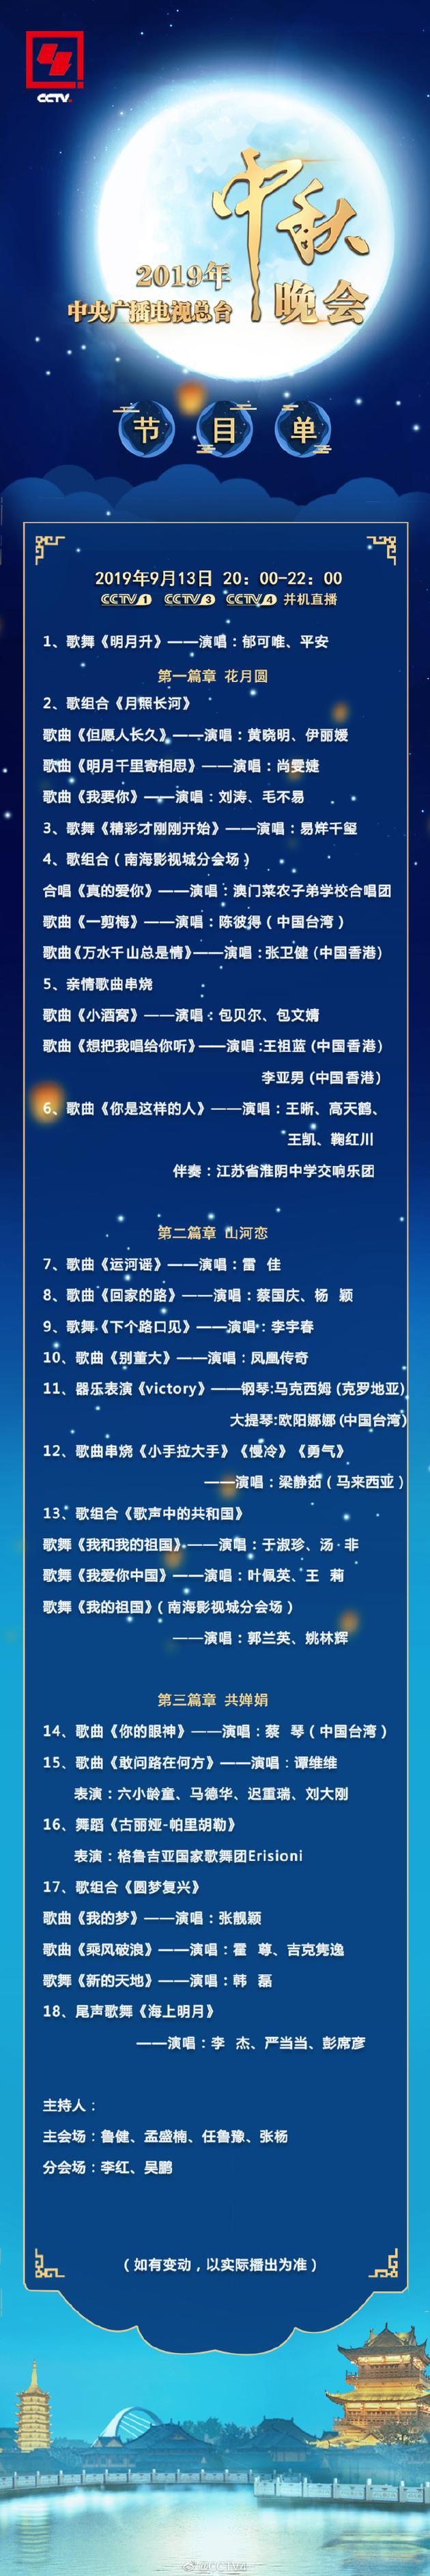 央视中秋晚会节目单公布 千玺李宇春梁静茹献唱